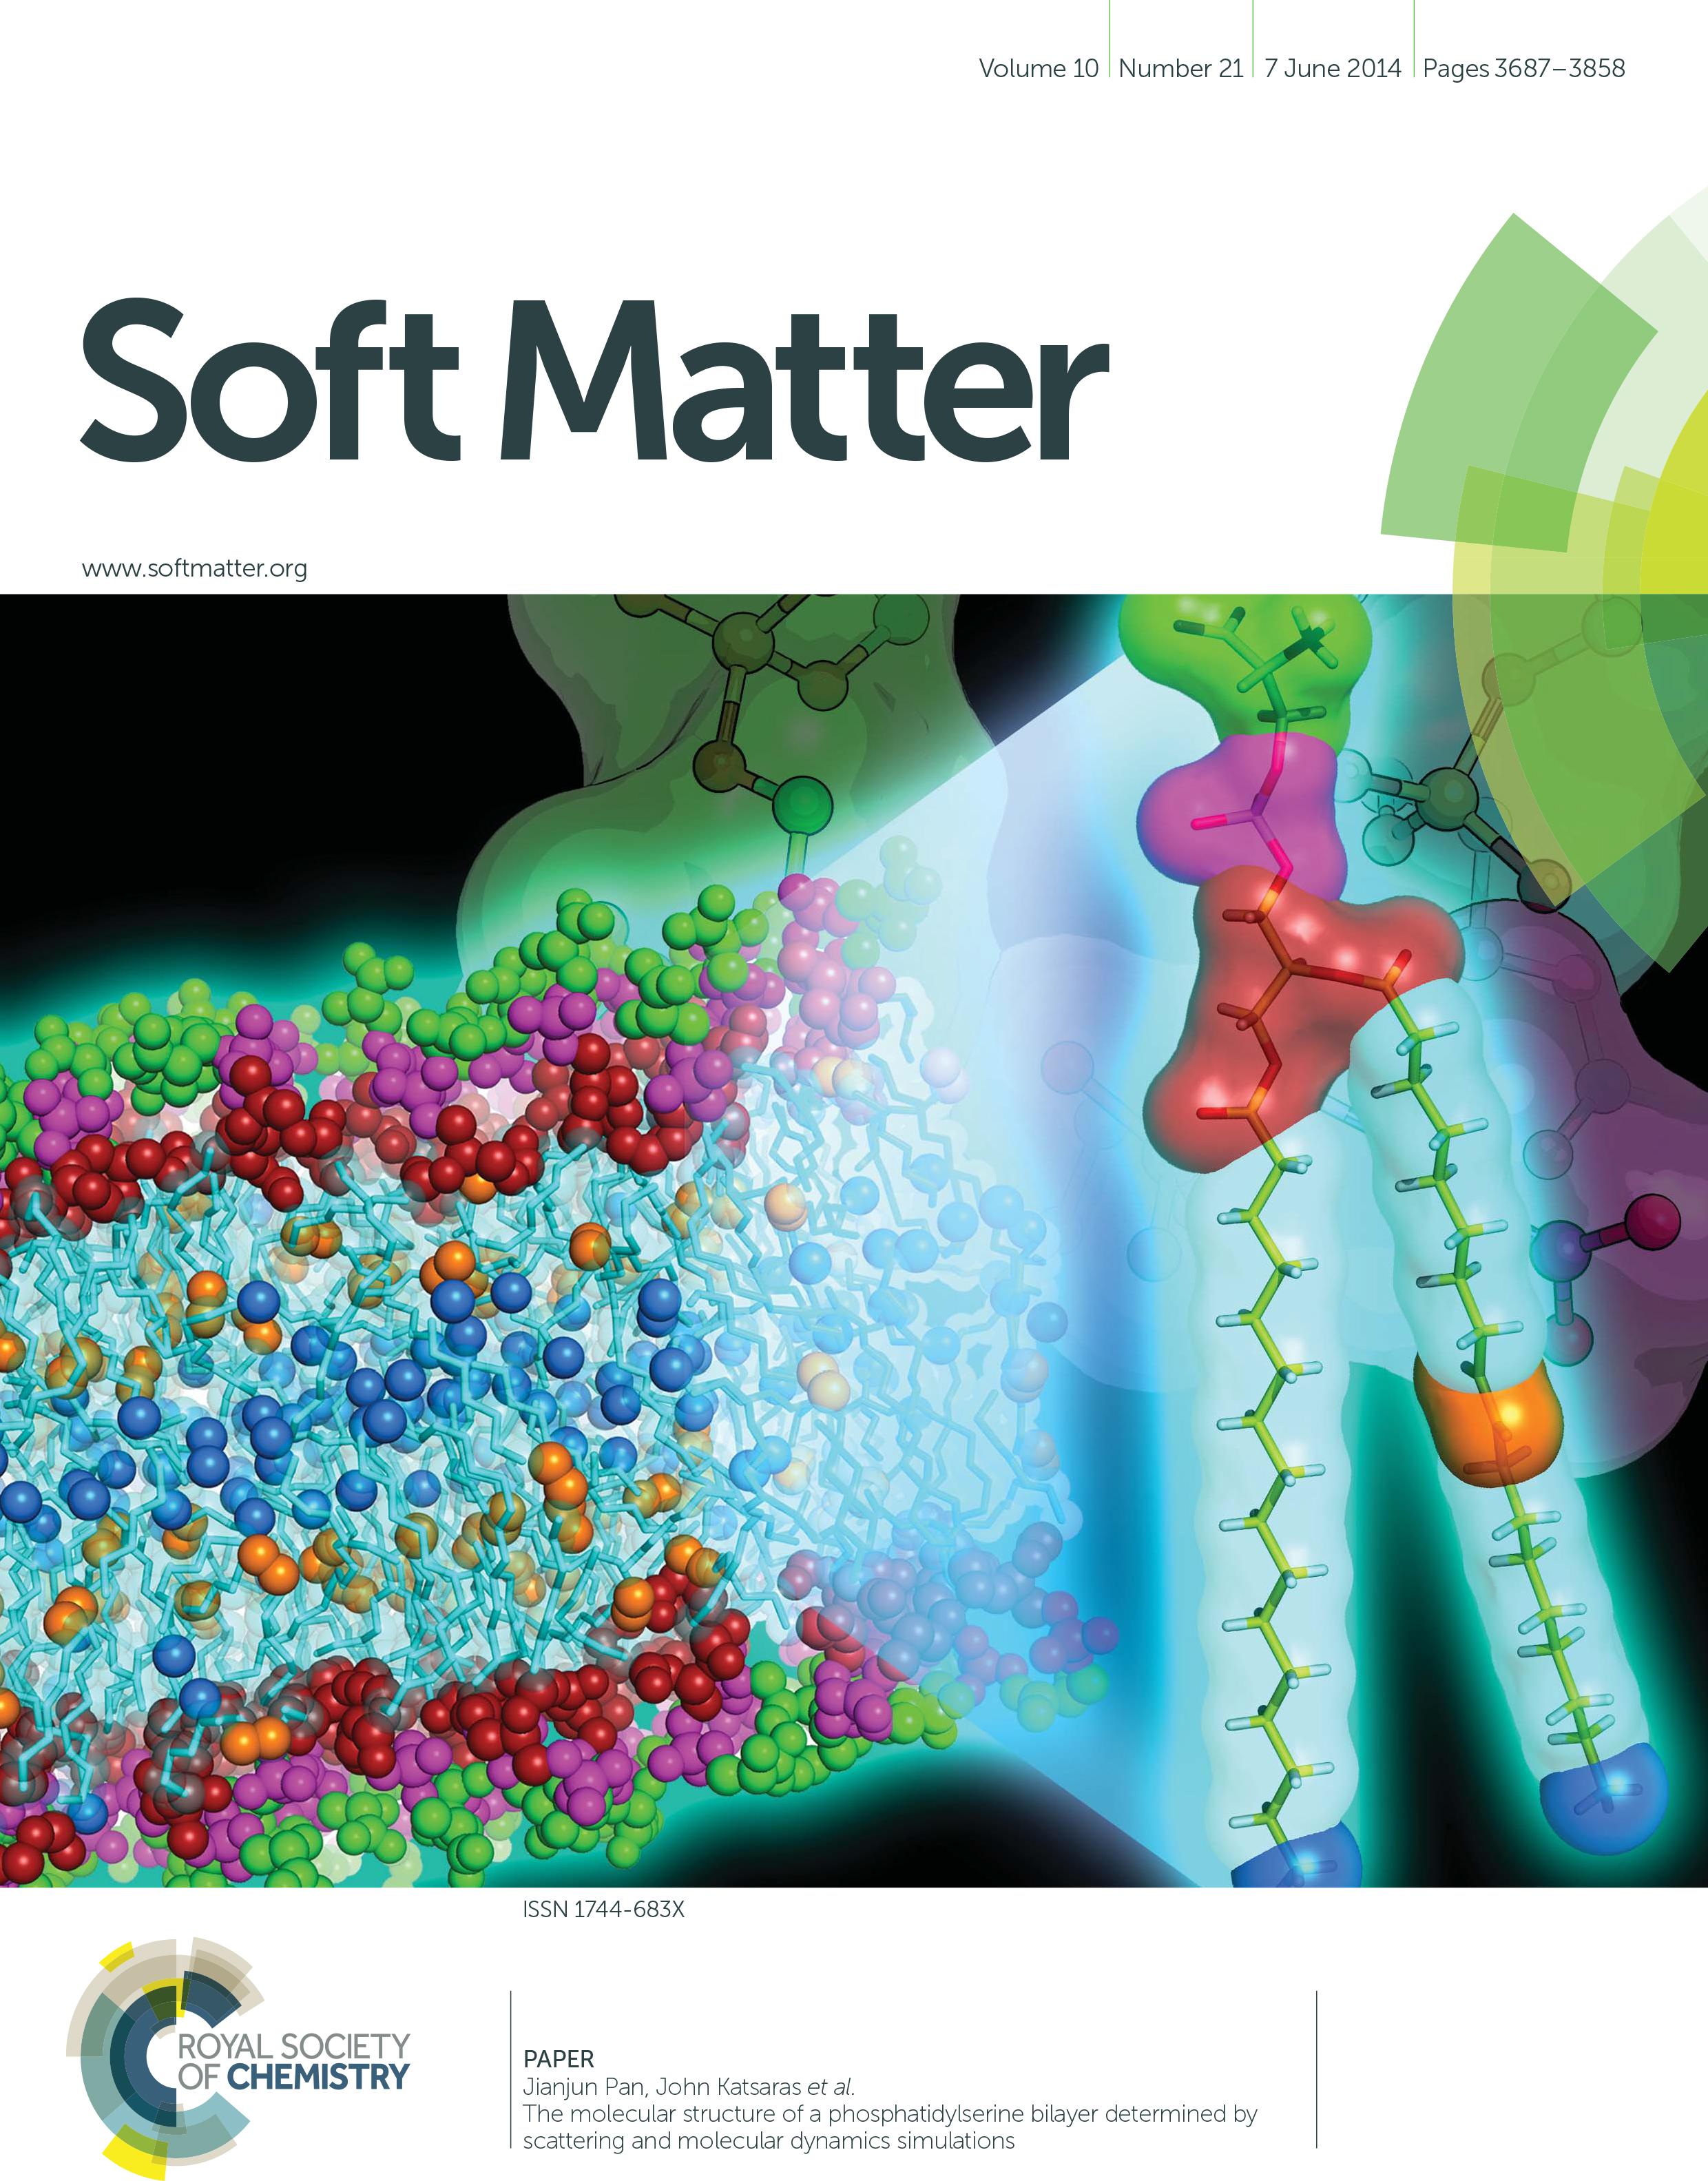 Pan et al. 2014 Soft Matter 10:3716